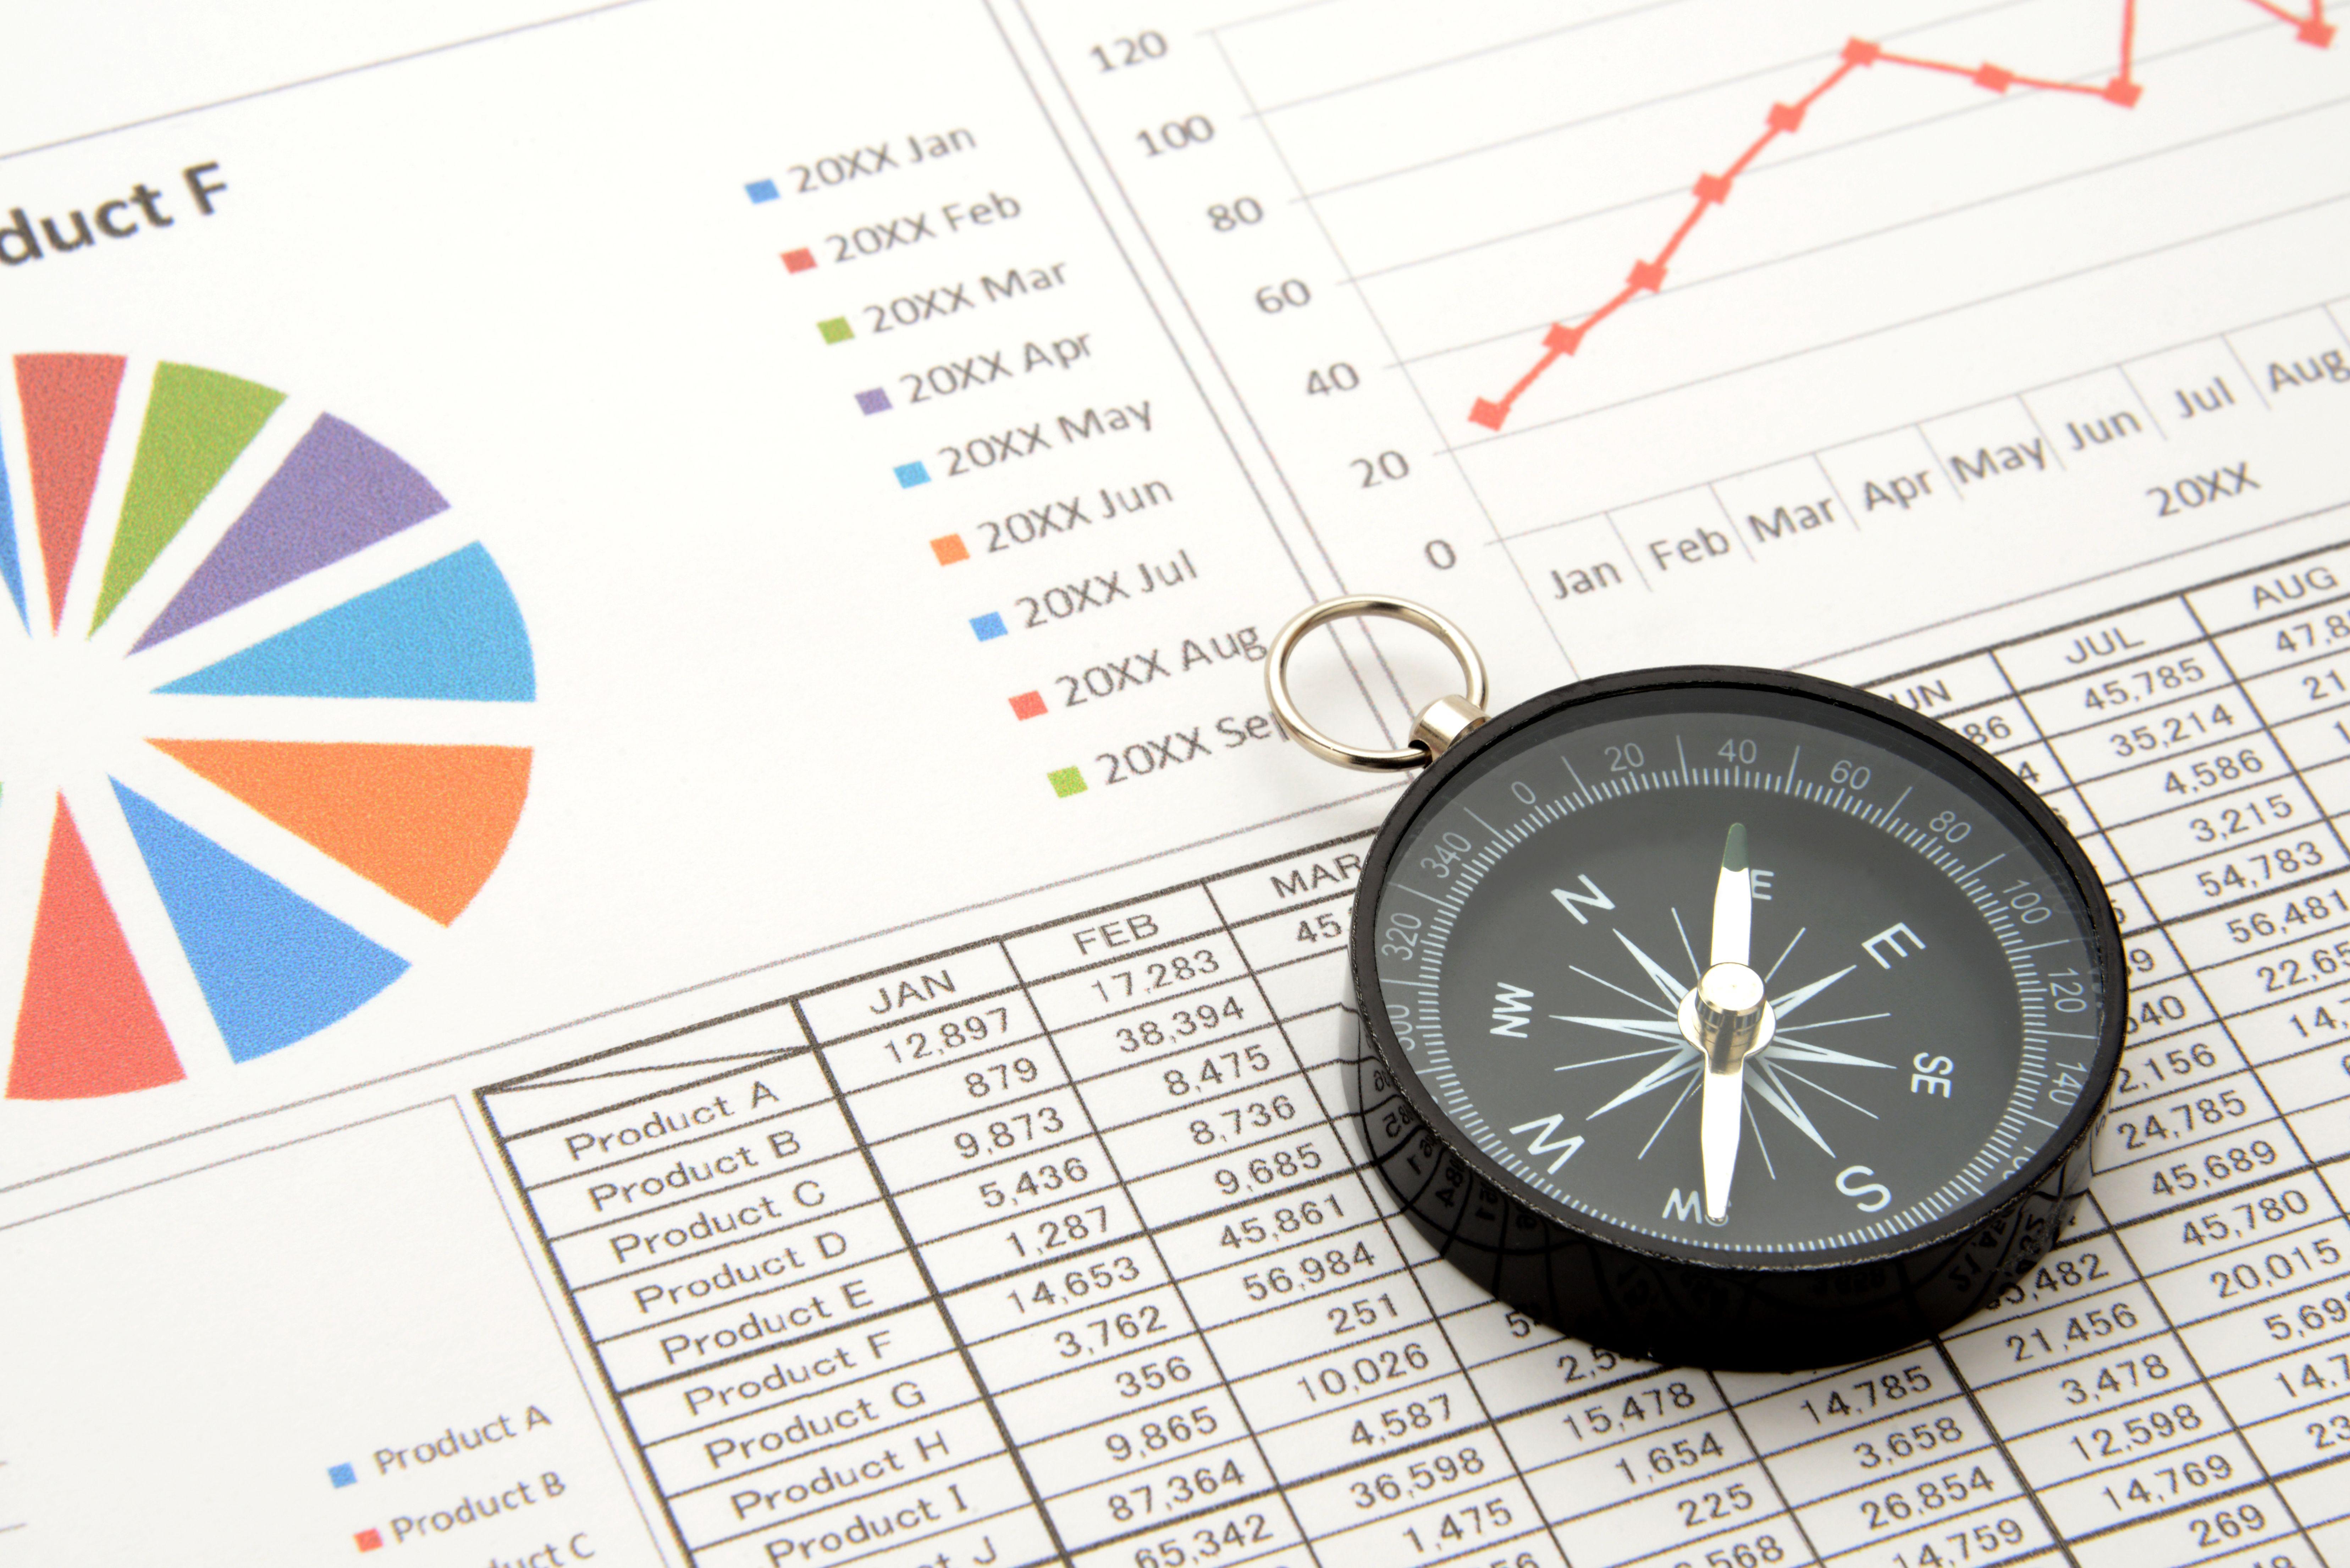 バックオフィス業務に便利なサービスを選定ポイントと併せて解説